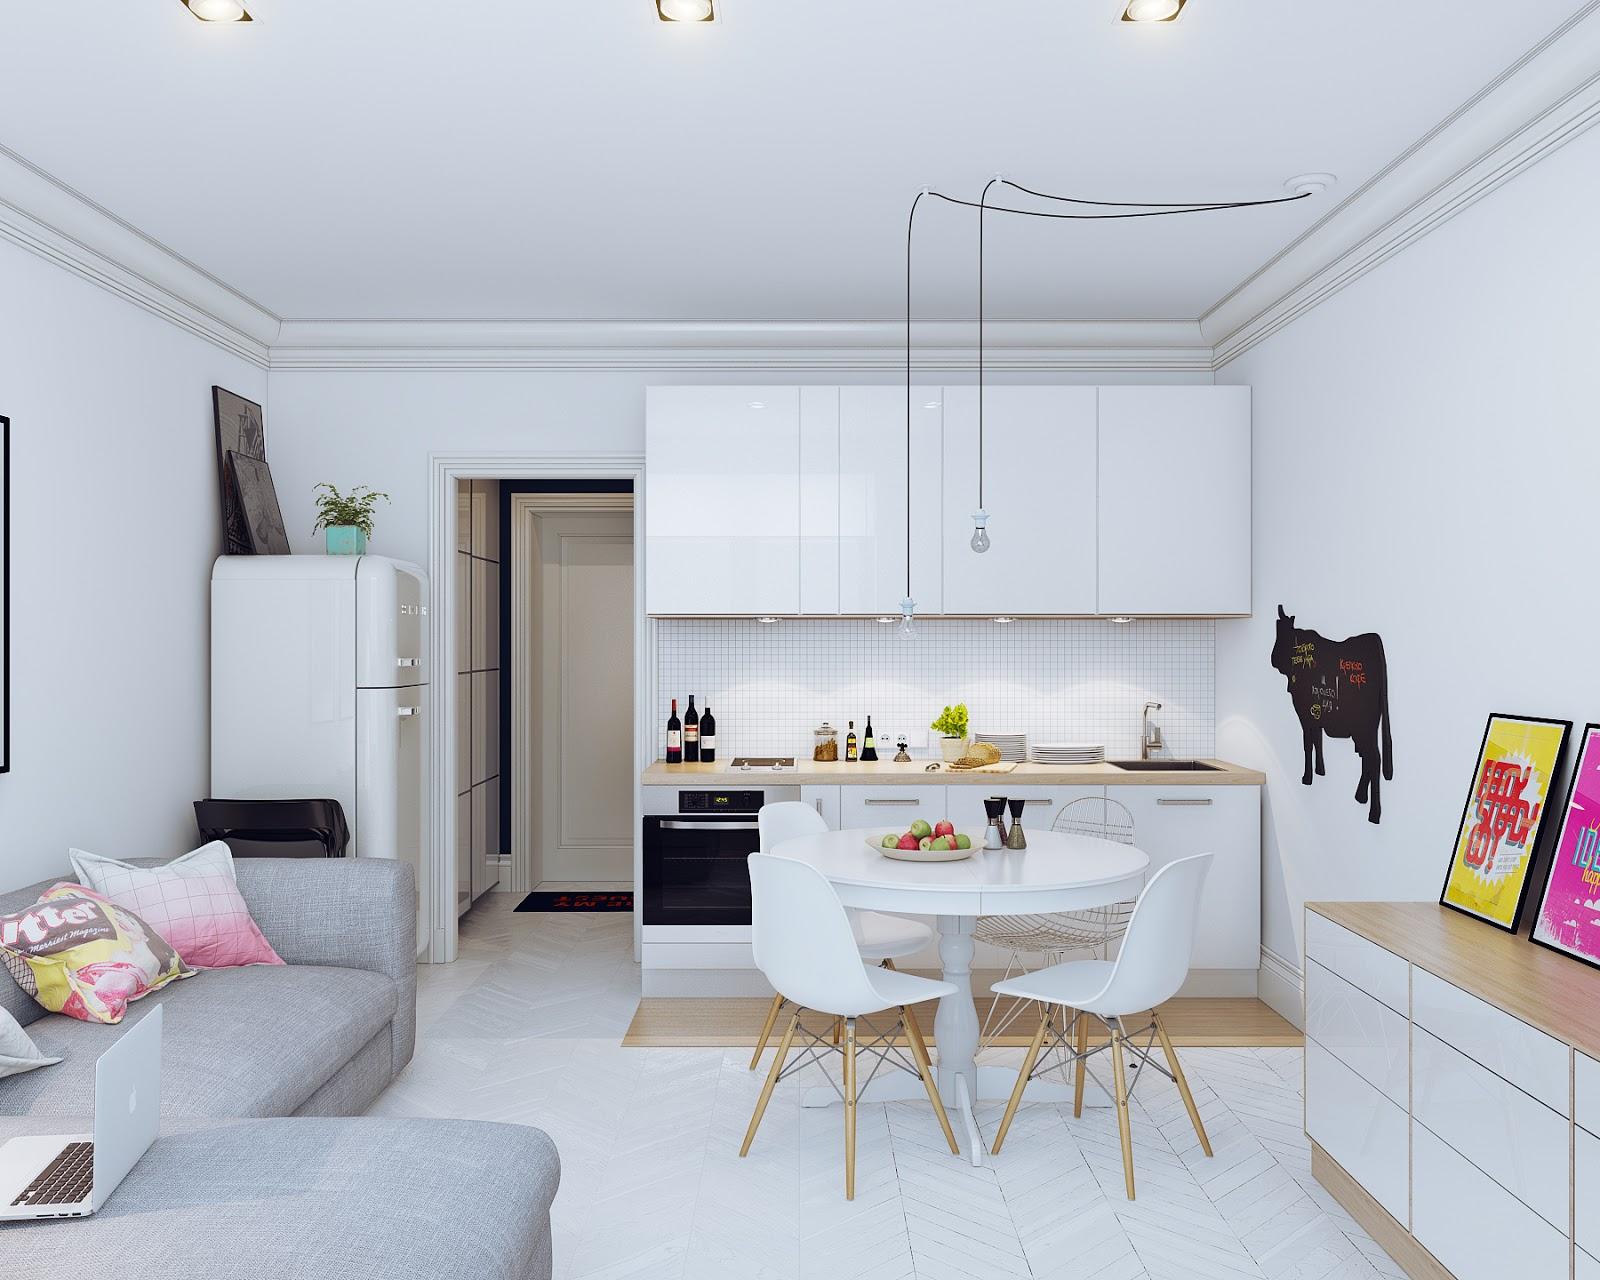 Arredare soggiorno cucina quadrato gallery of arredare for Asselle arredamenti